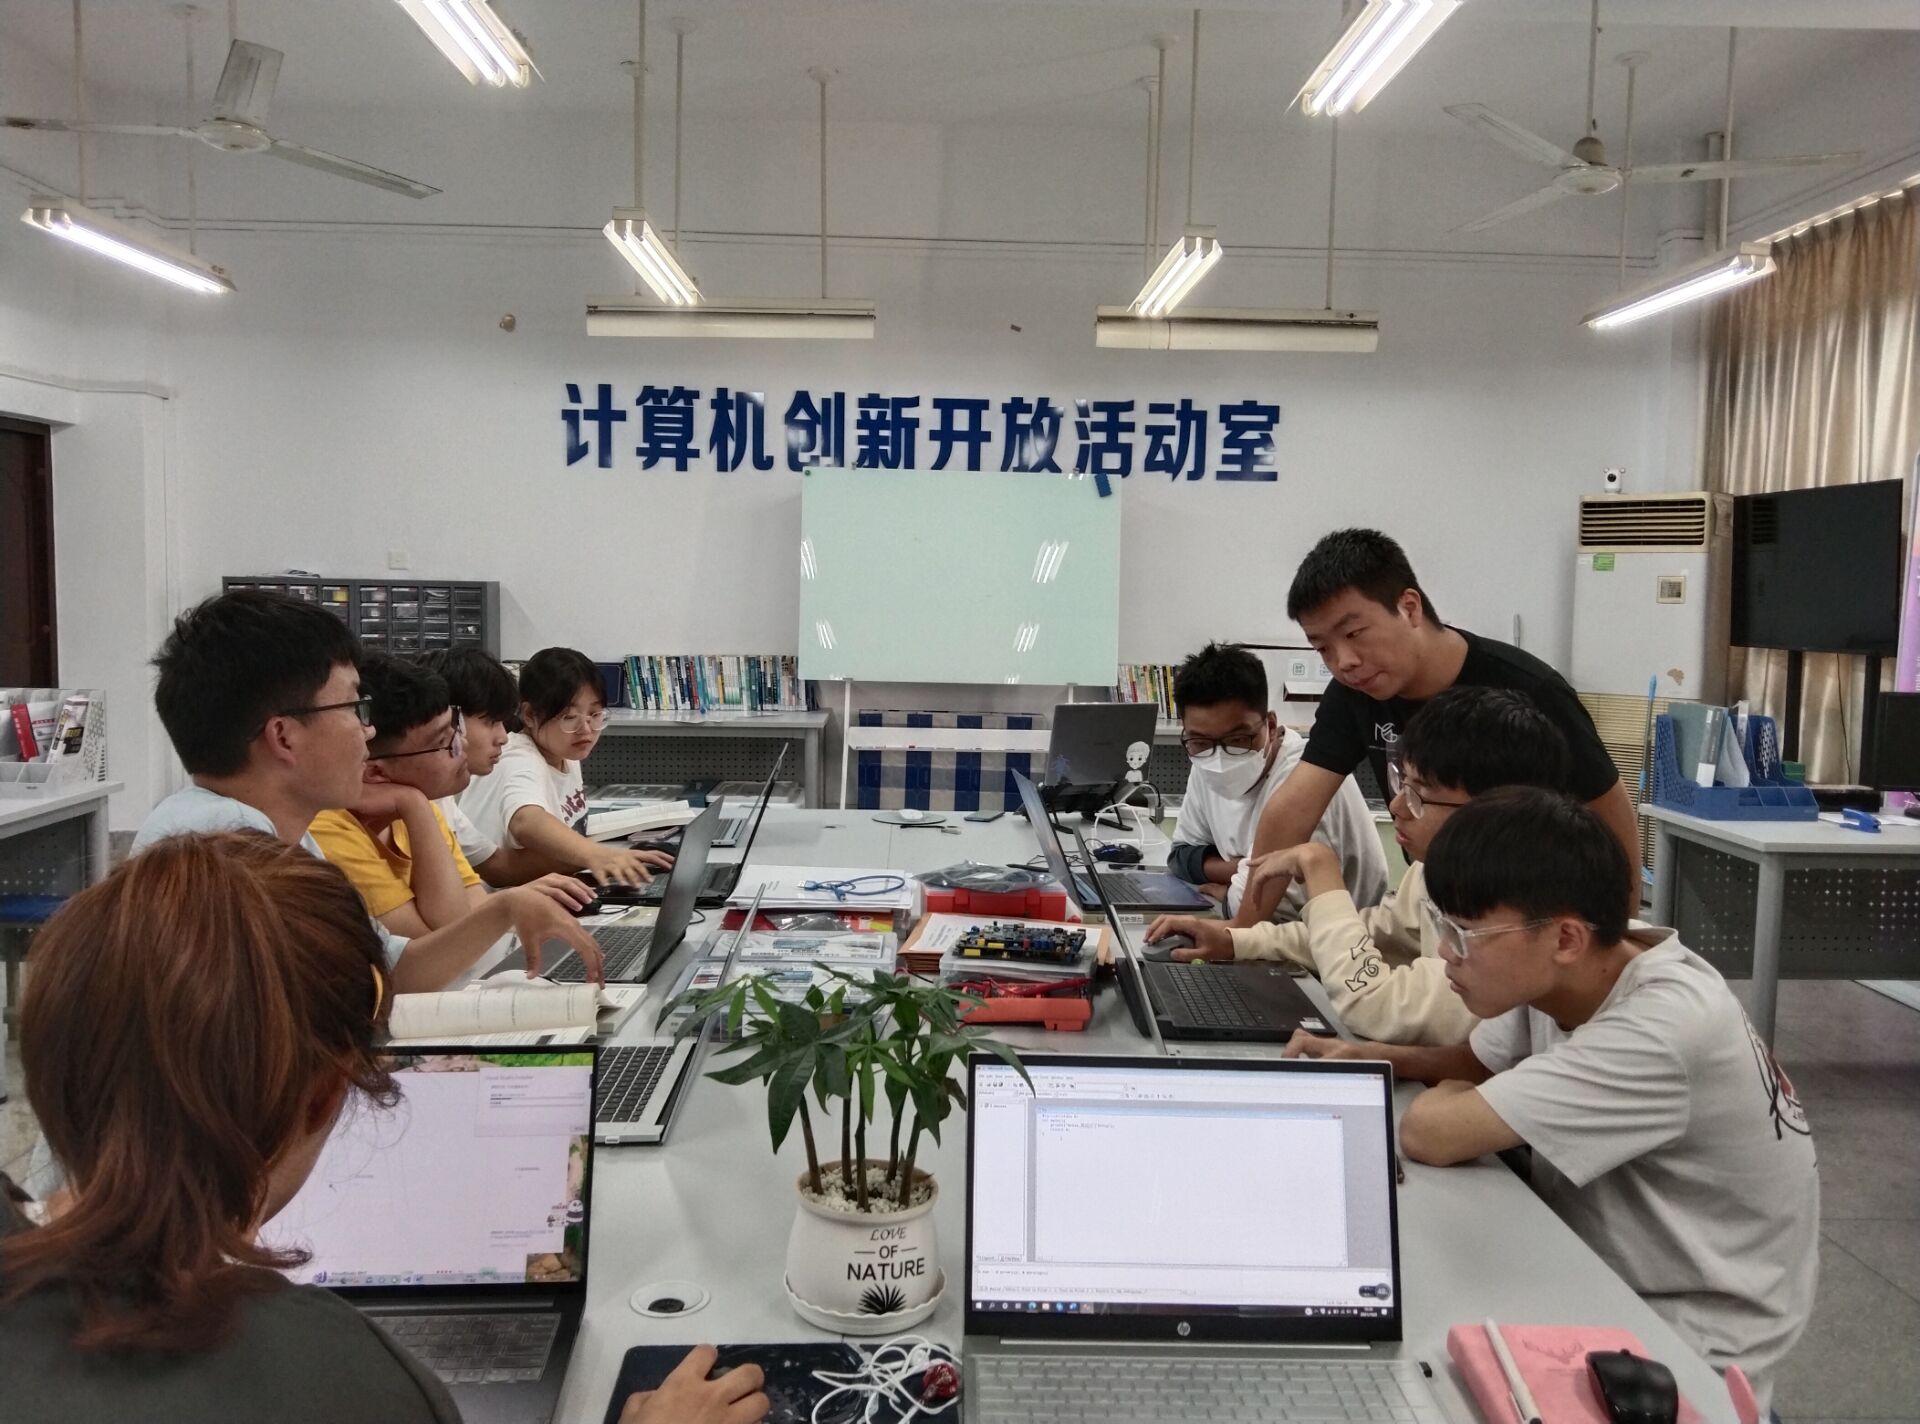 安徽工程大学计算机与信息学院 线上线下齐联动 欢度国庆觅新知